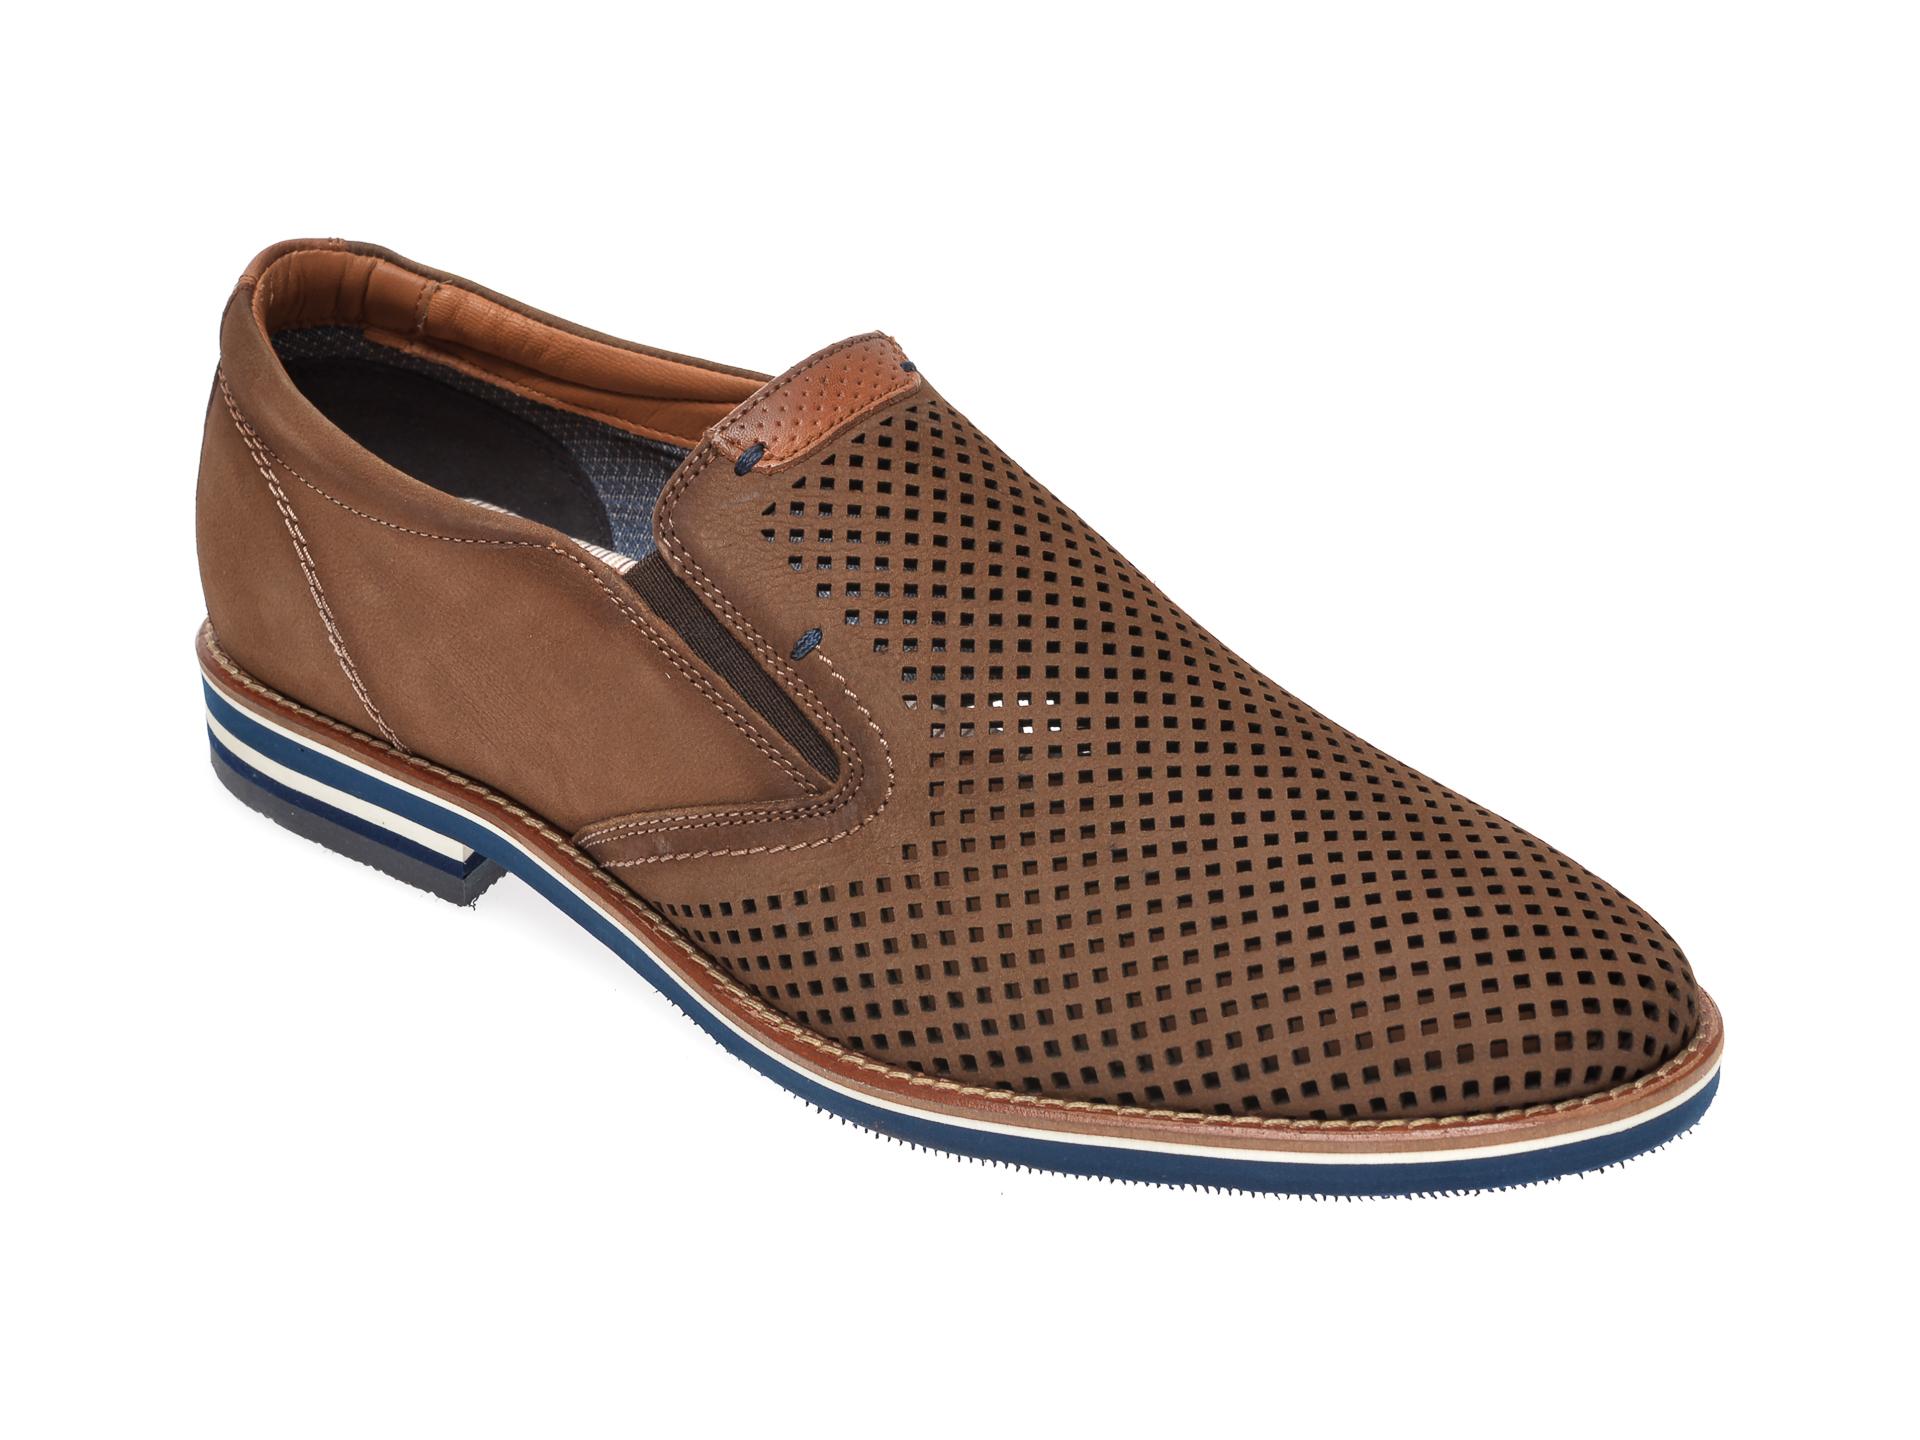 Pantofi Salamander Taupe, 57329, Din Nabuc